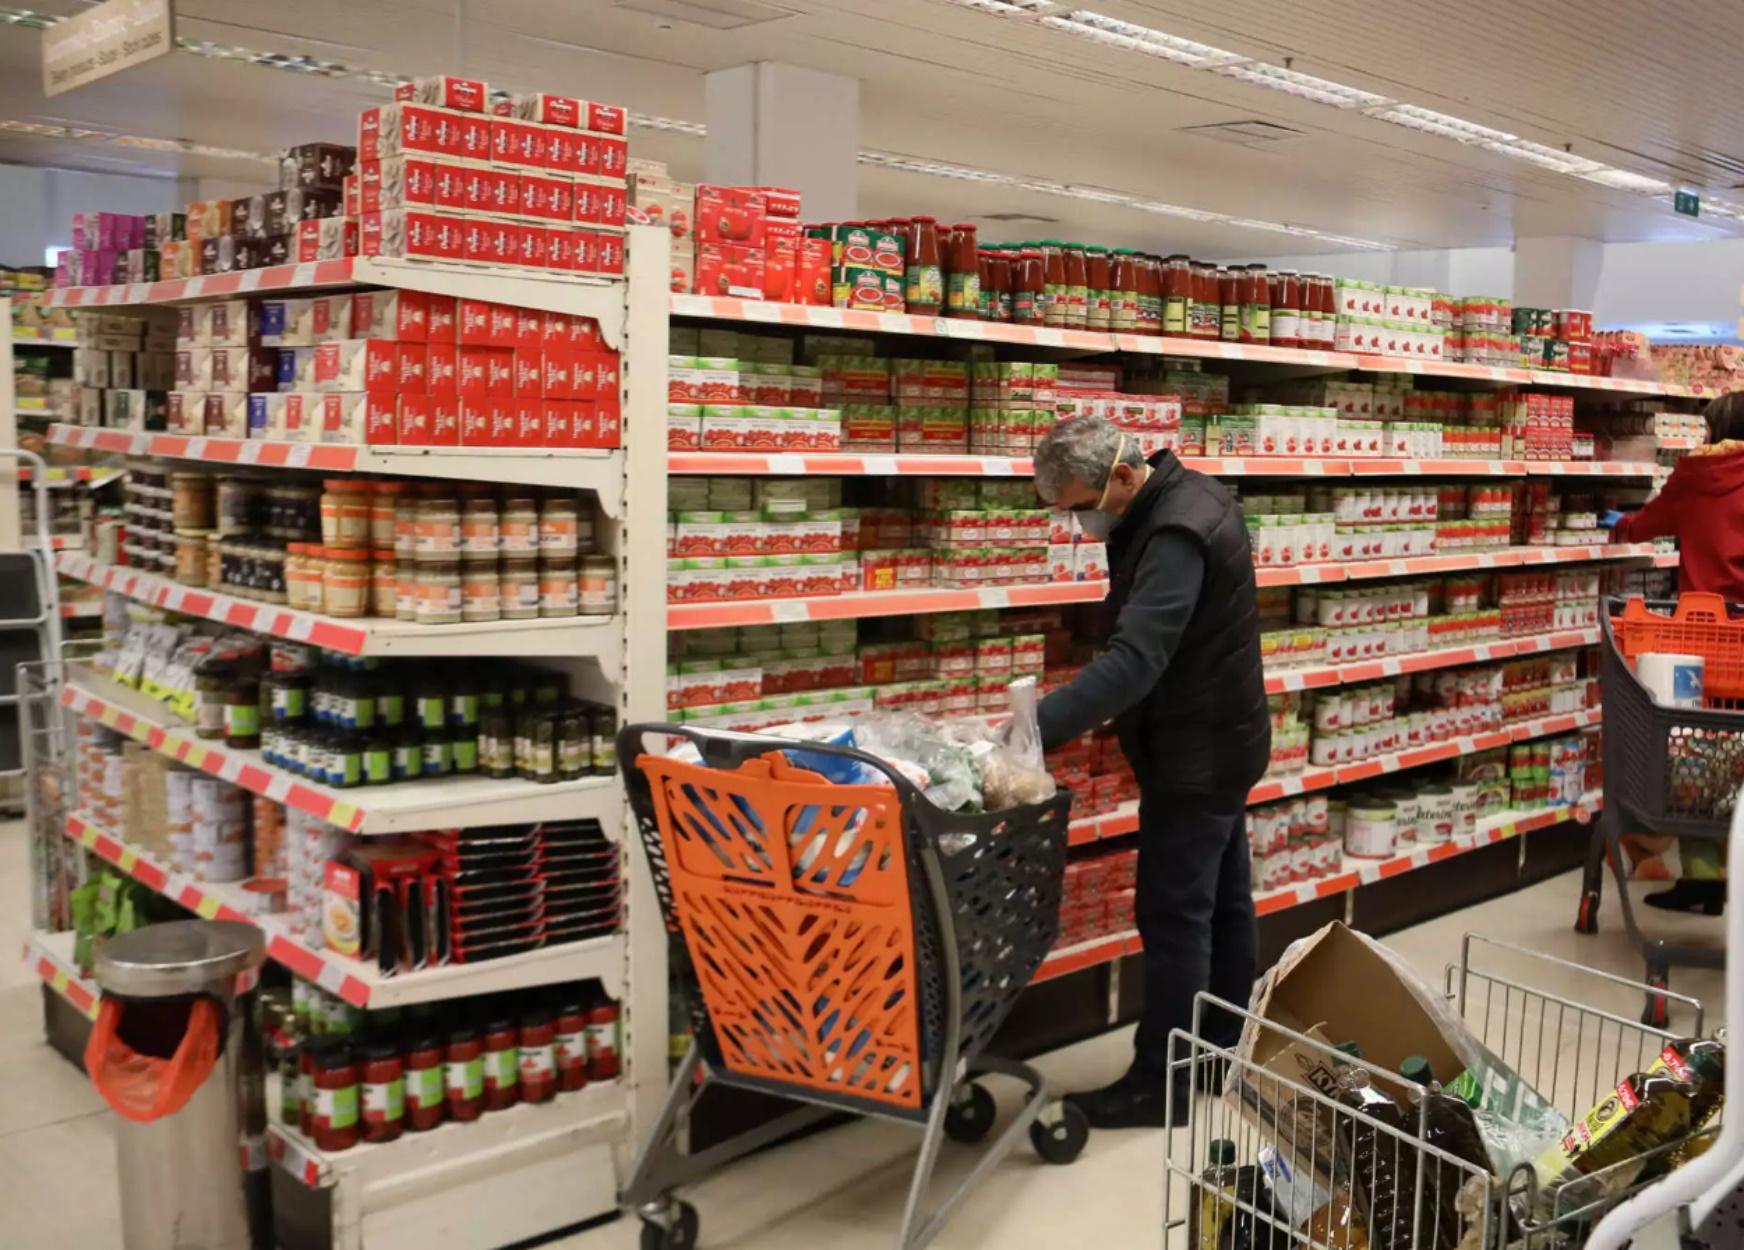 Ωράριο λειτουργίας σούπερ μάρκετ και καταστημάτων σήμερα και την Παραμονή Πρωτοχρονιάς